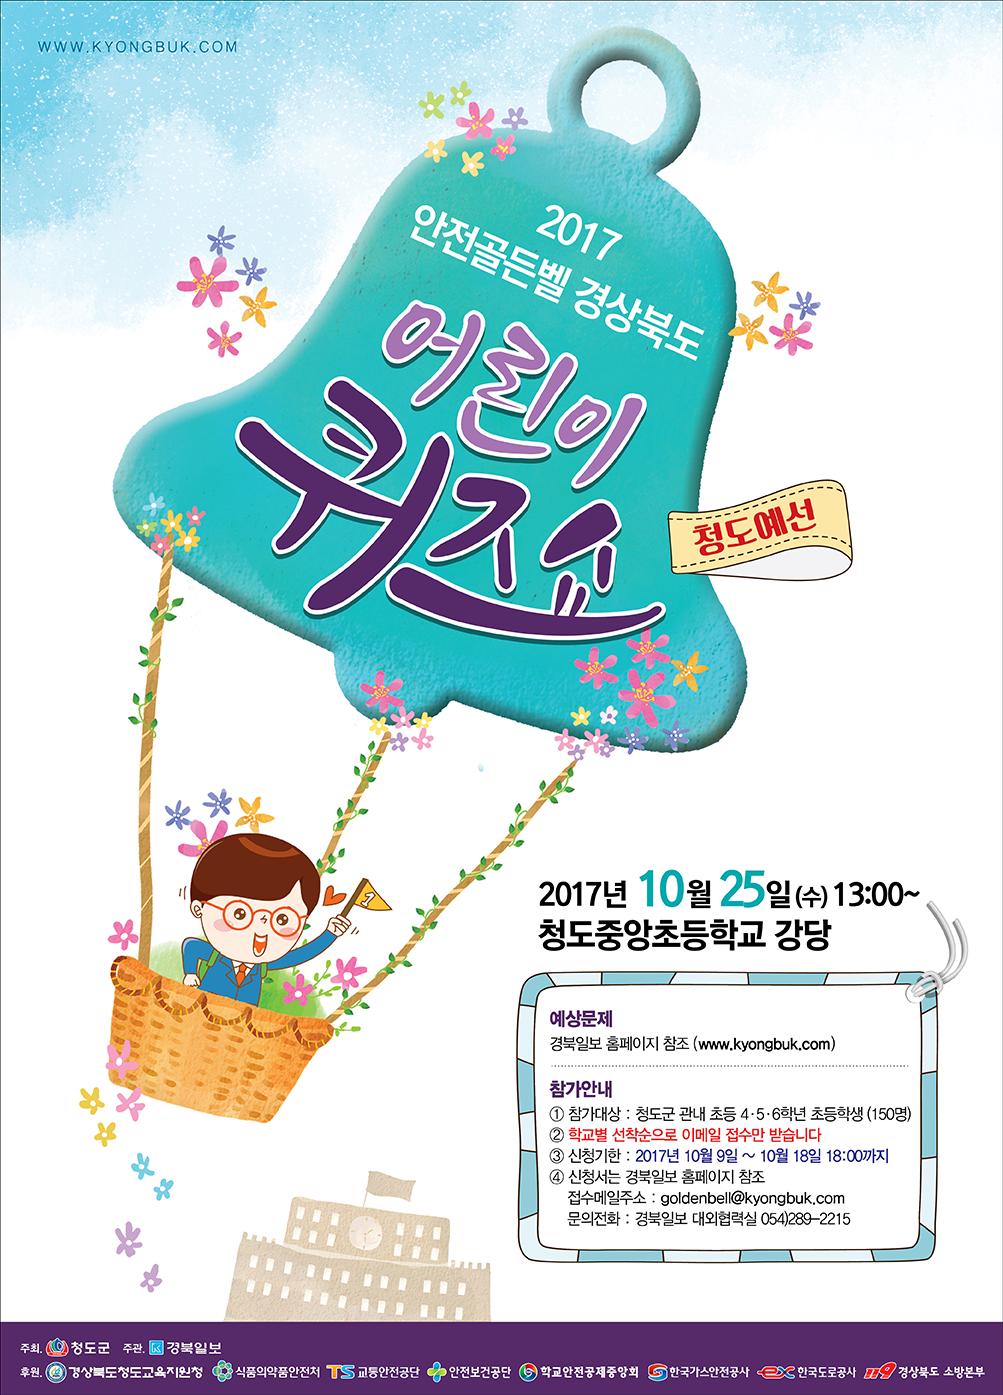 2017_안전골든벨 청도예선_pop.png